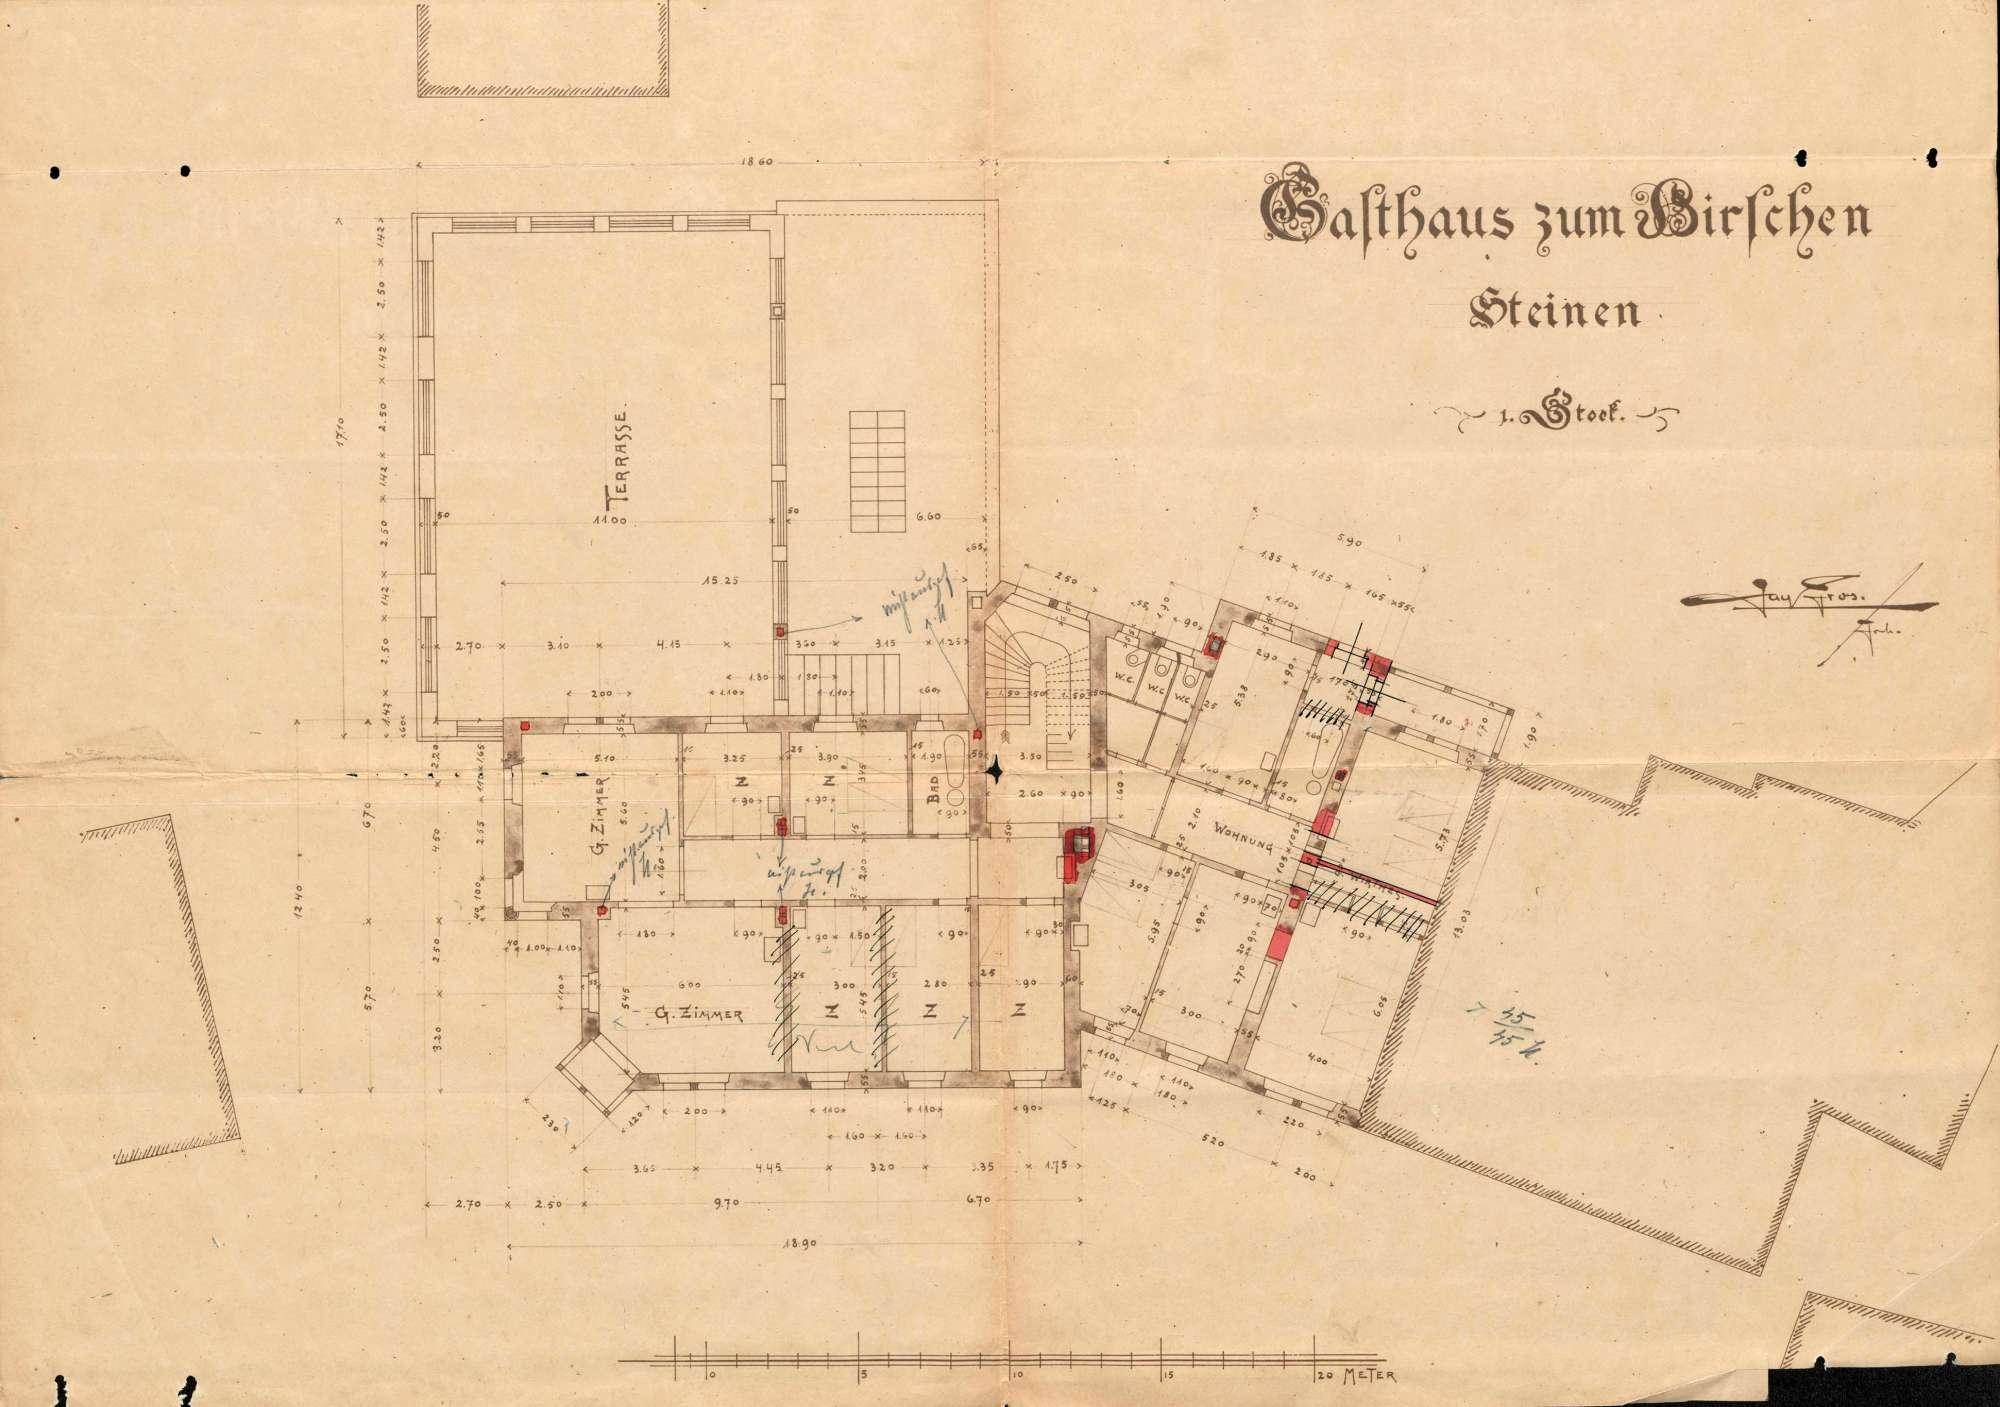 Verleihung der Wirtschaftskonzession für das Gasthaus Zum Hirschen in Steinen, Bild 3